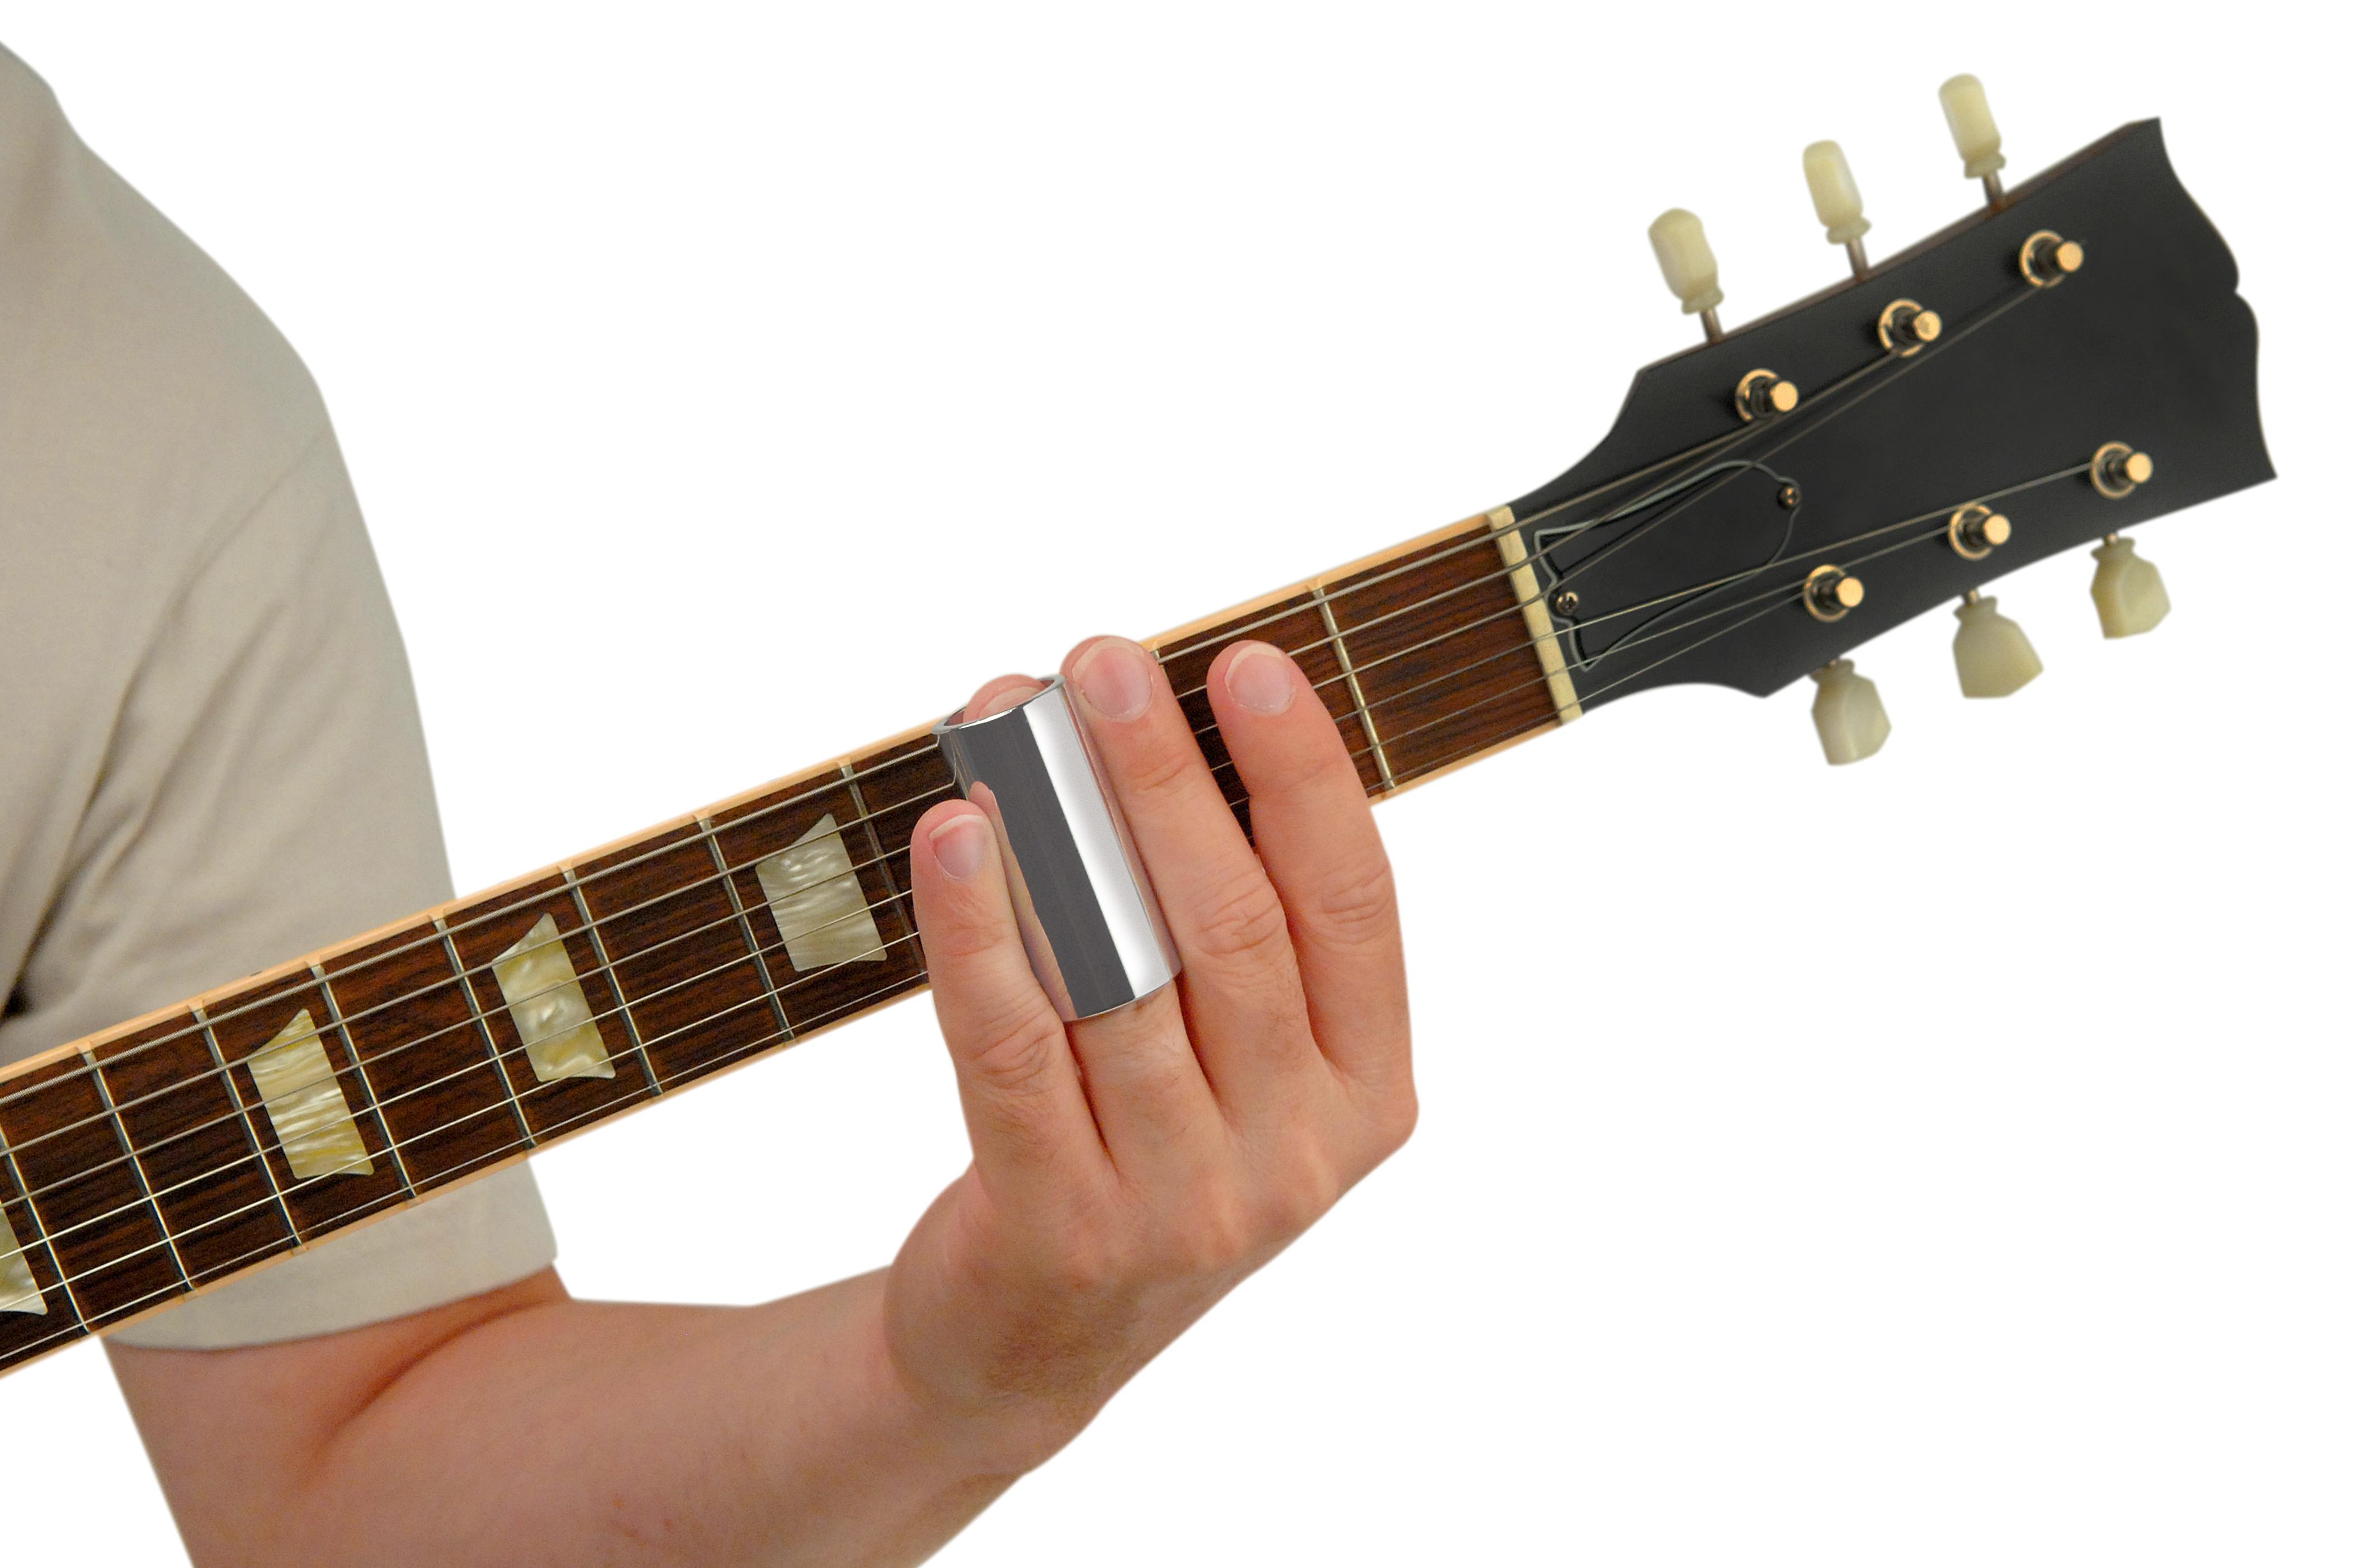 Слайдер для гитары своими руками